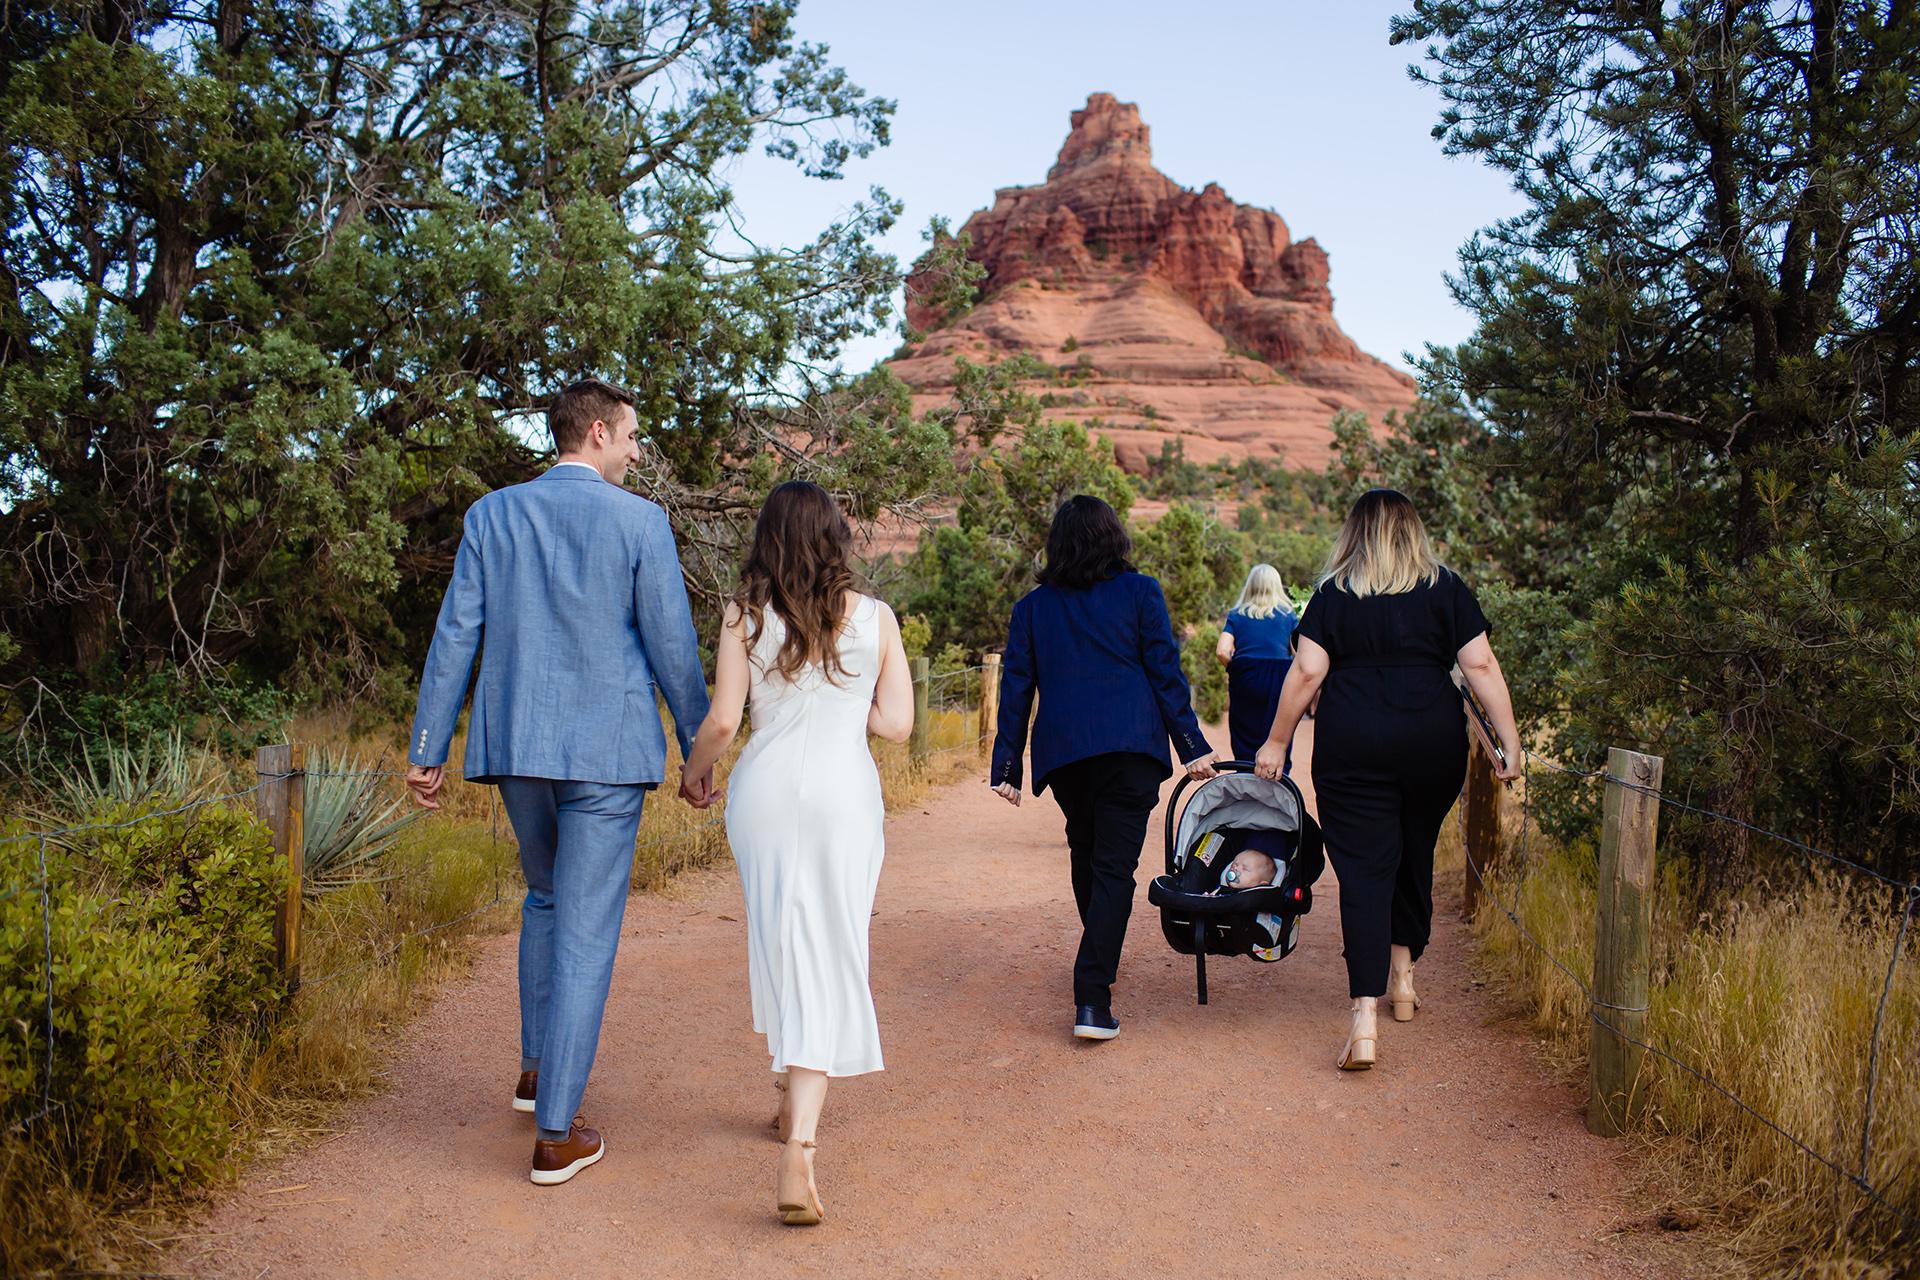 Sedona Hochzeits- & Elopement-Fotografie | Braut und Bräutigam halten sich an den Händen, während sie zu ihrem gewählten Ort wandern